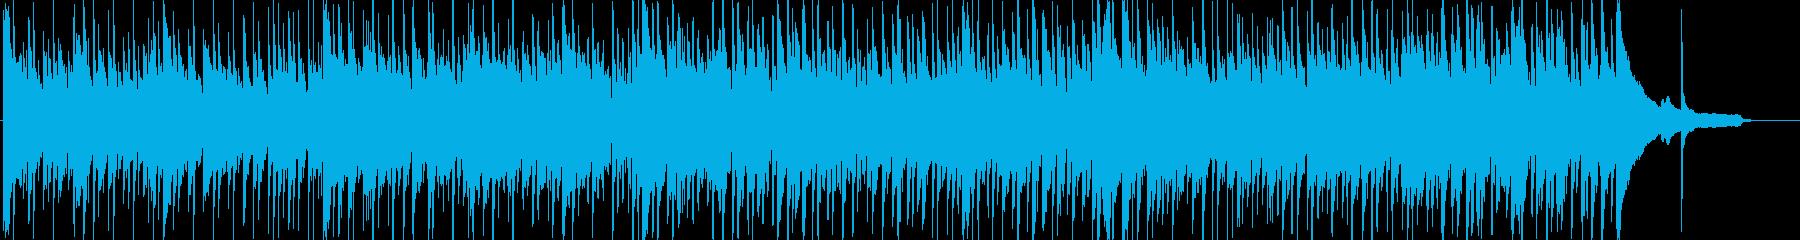 回想をイメージした軽快で切ないポップスの再生済みの波形